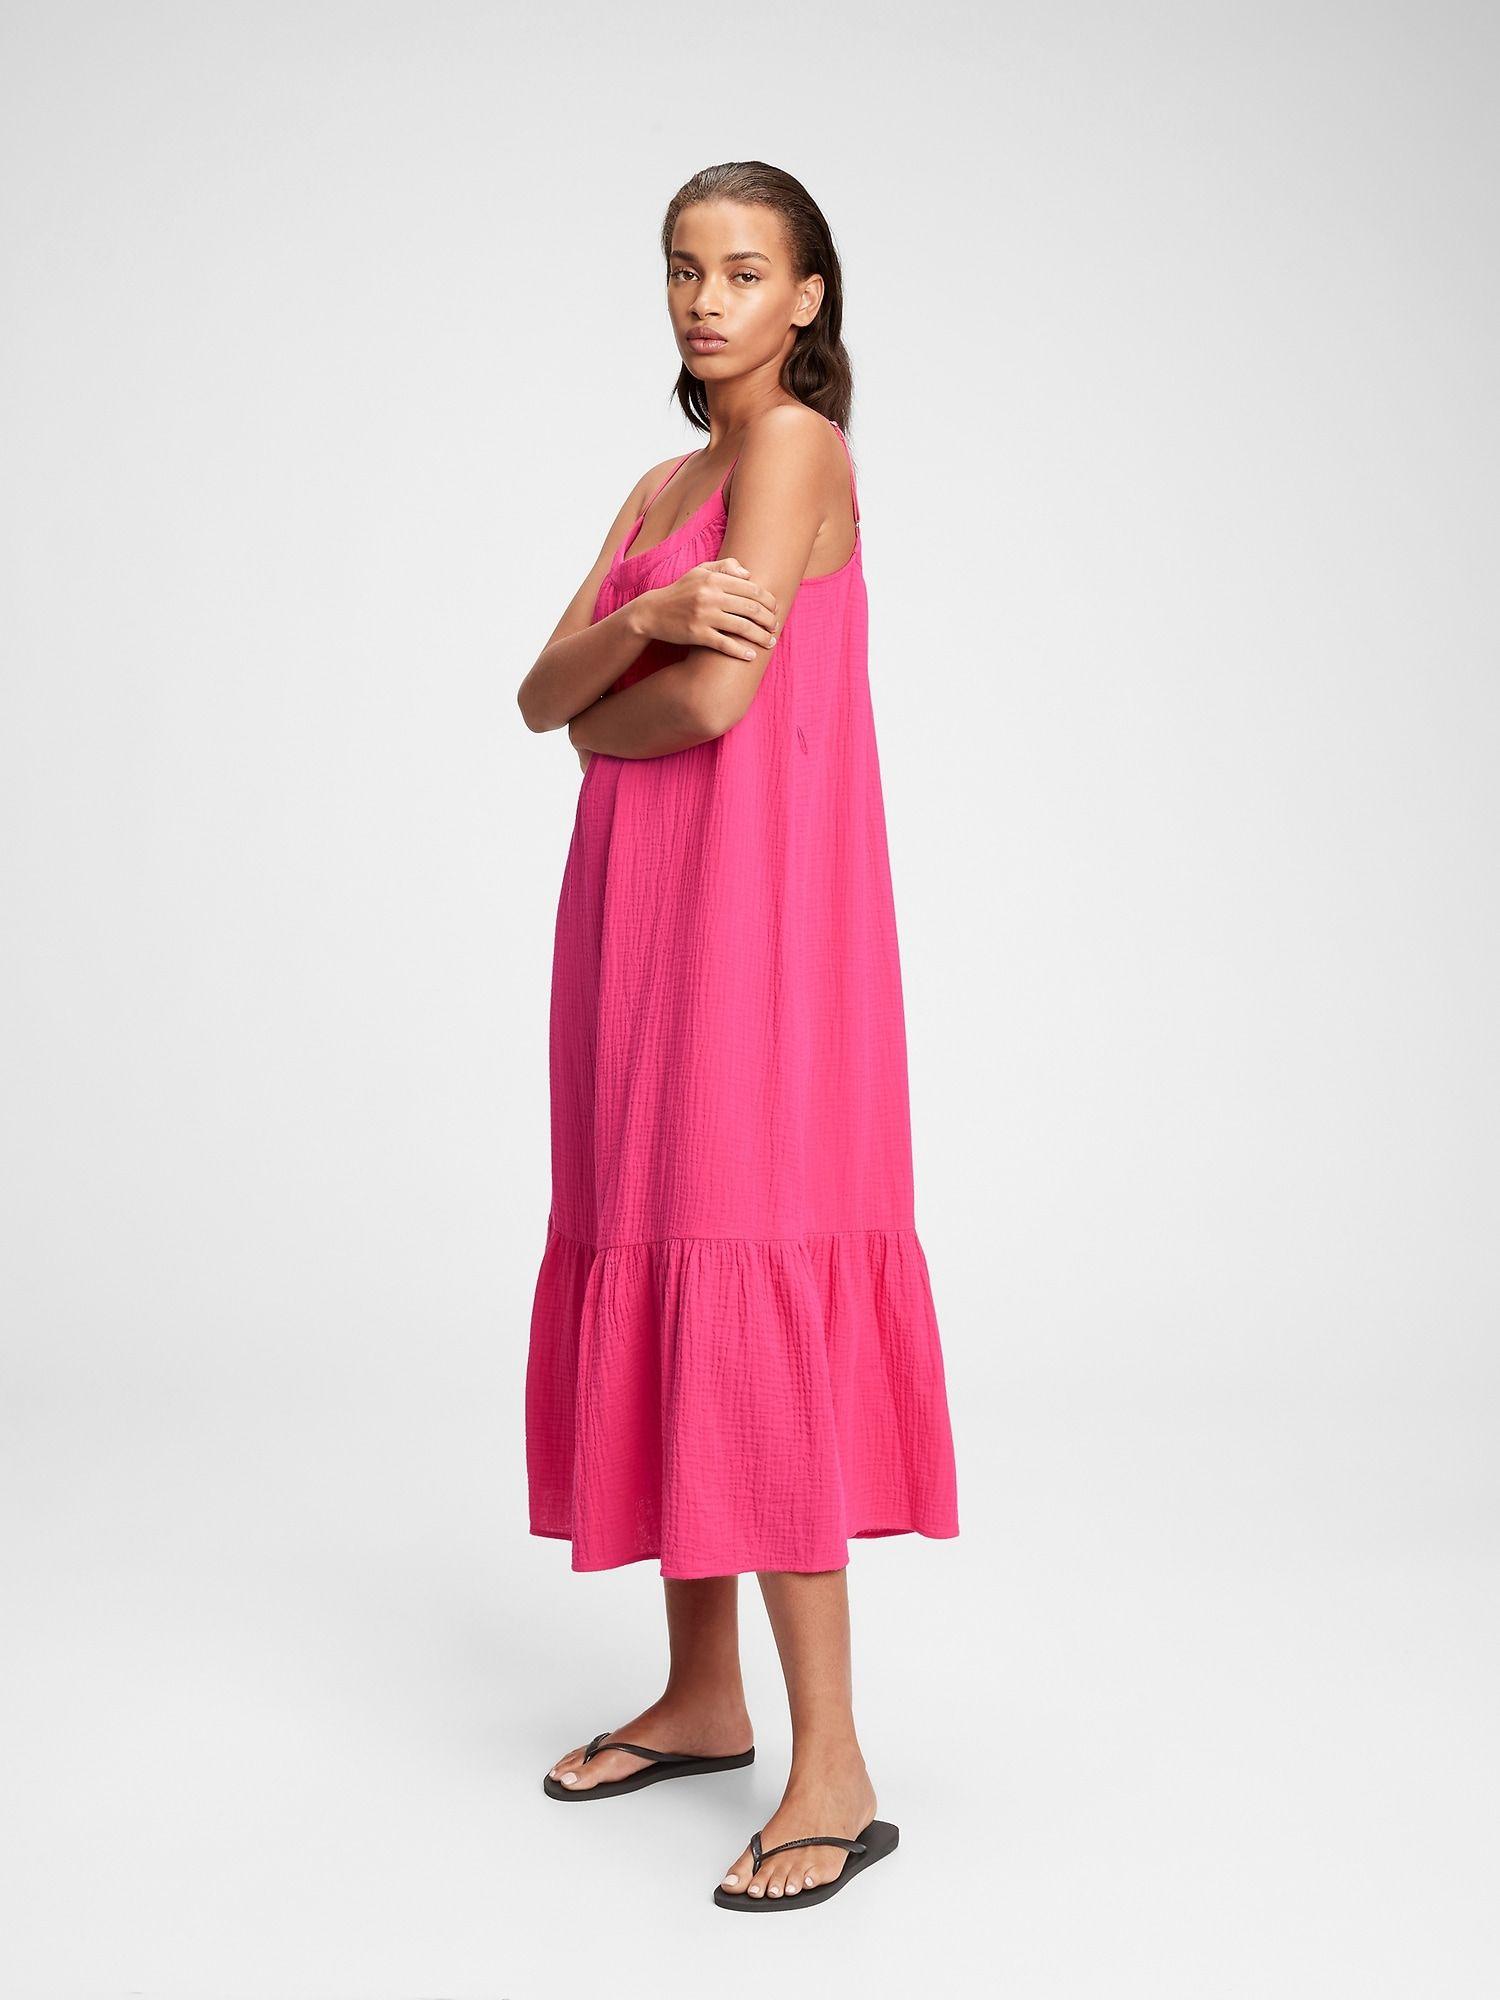 Gauze Cami Midi Dress In 2021 Cami Midi Dress Yellow Midi Dress Cotton Gauze Dress [ 2000 x 1500 Pixel ]